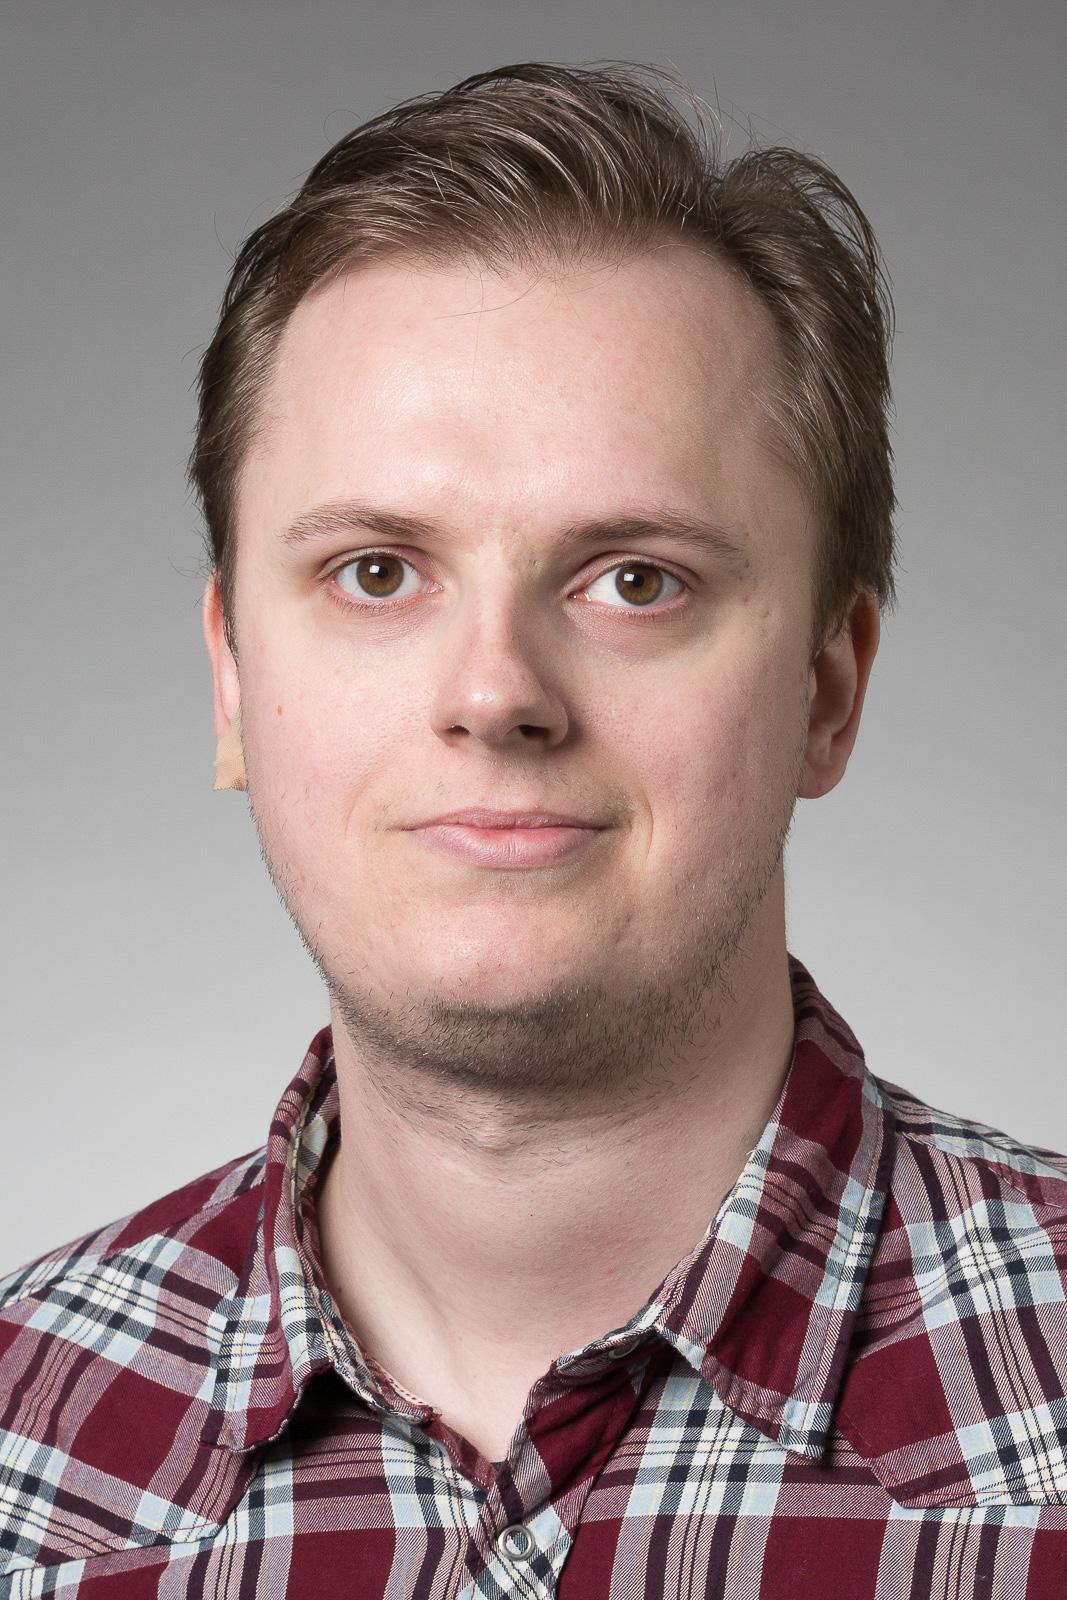 Peter Ulrich Melholt-Jørgensen